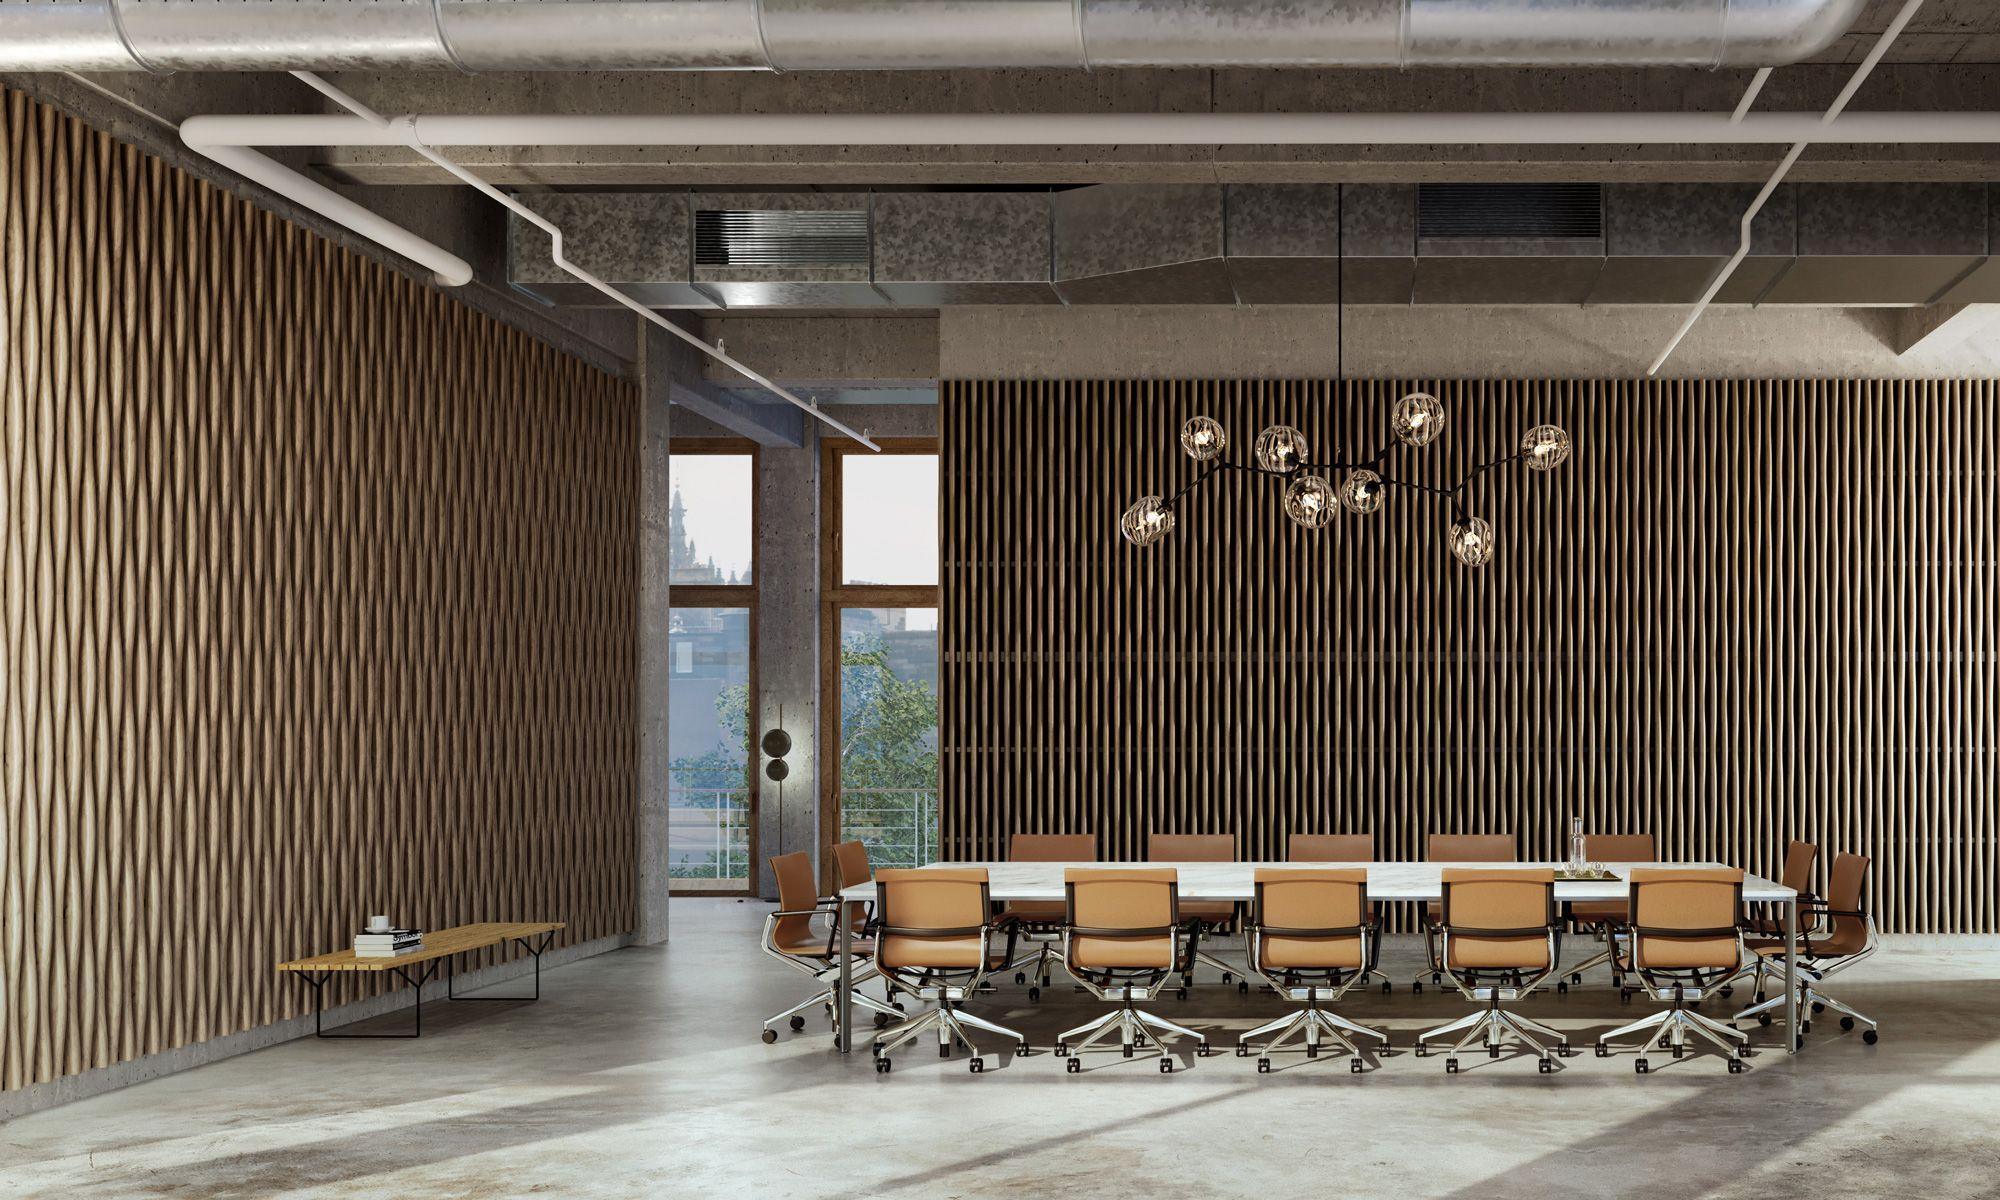 bamboo wave linea 3d habillage acoustiques en bois solution architecturale exterieur interieur pour